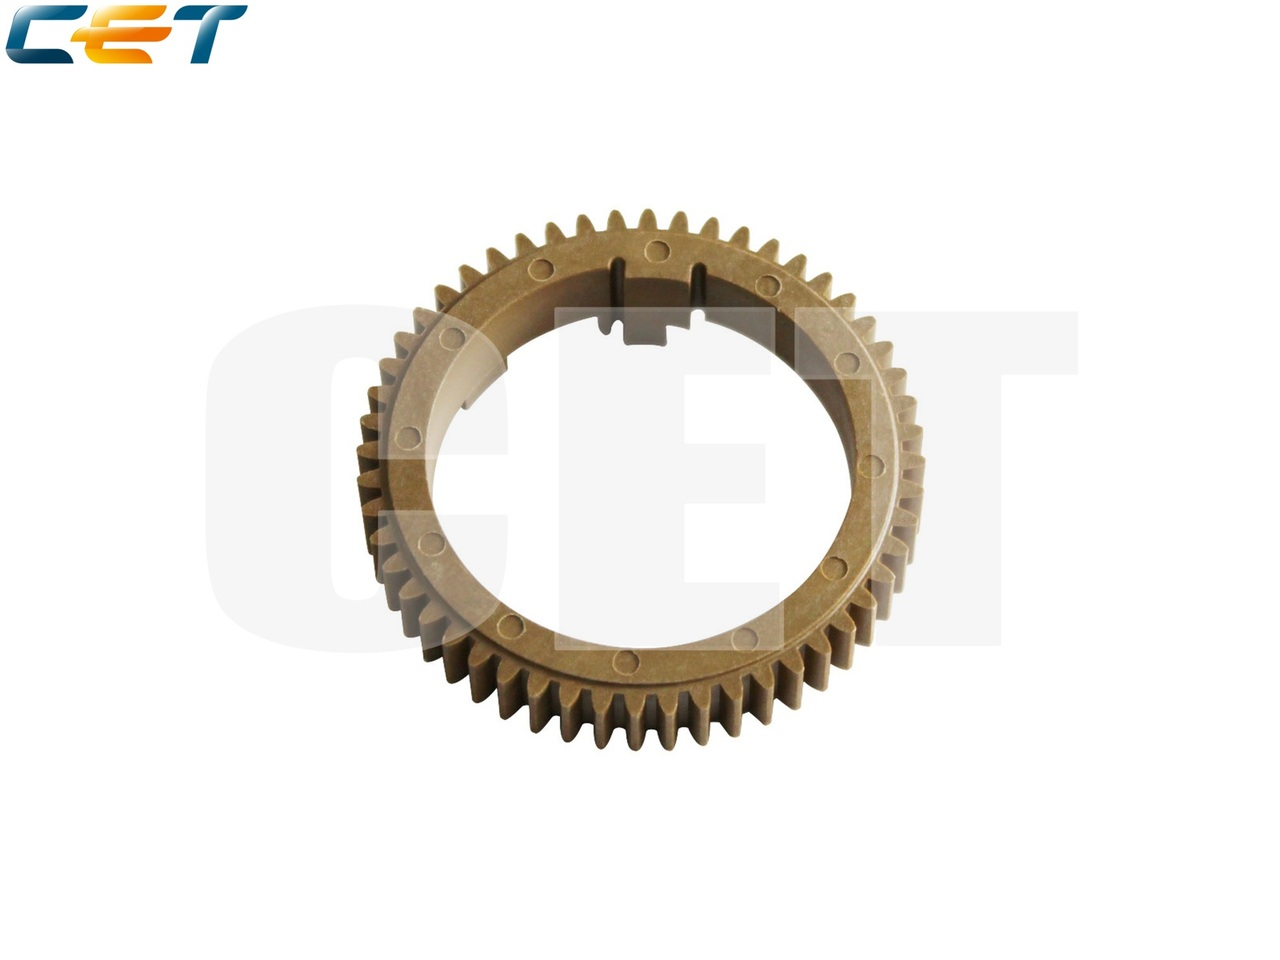 Шестерня привода тефлонового вала 52T FU7-0525-000 дляCANON iR5055/5065/5075 (CET), CET6681